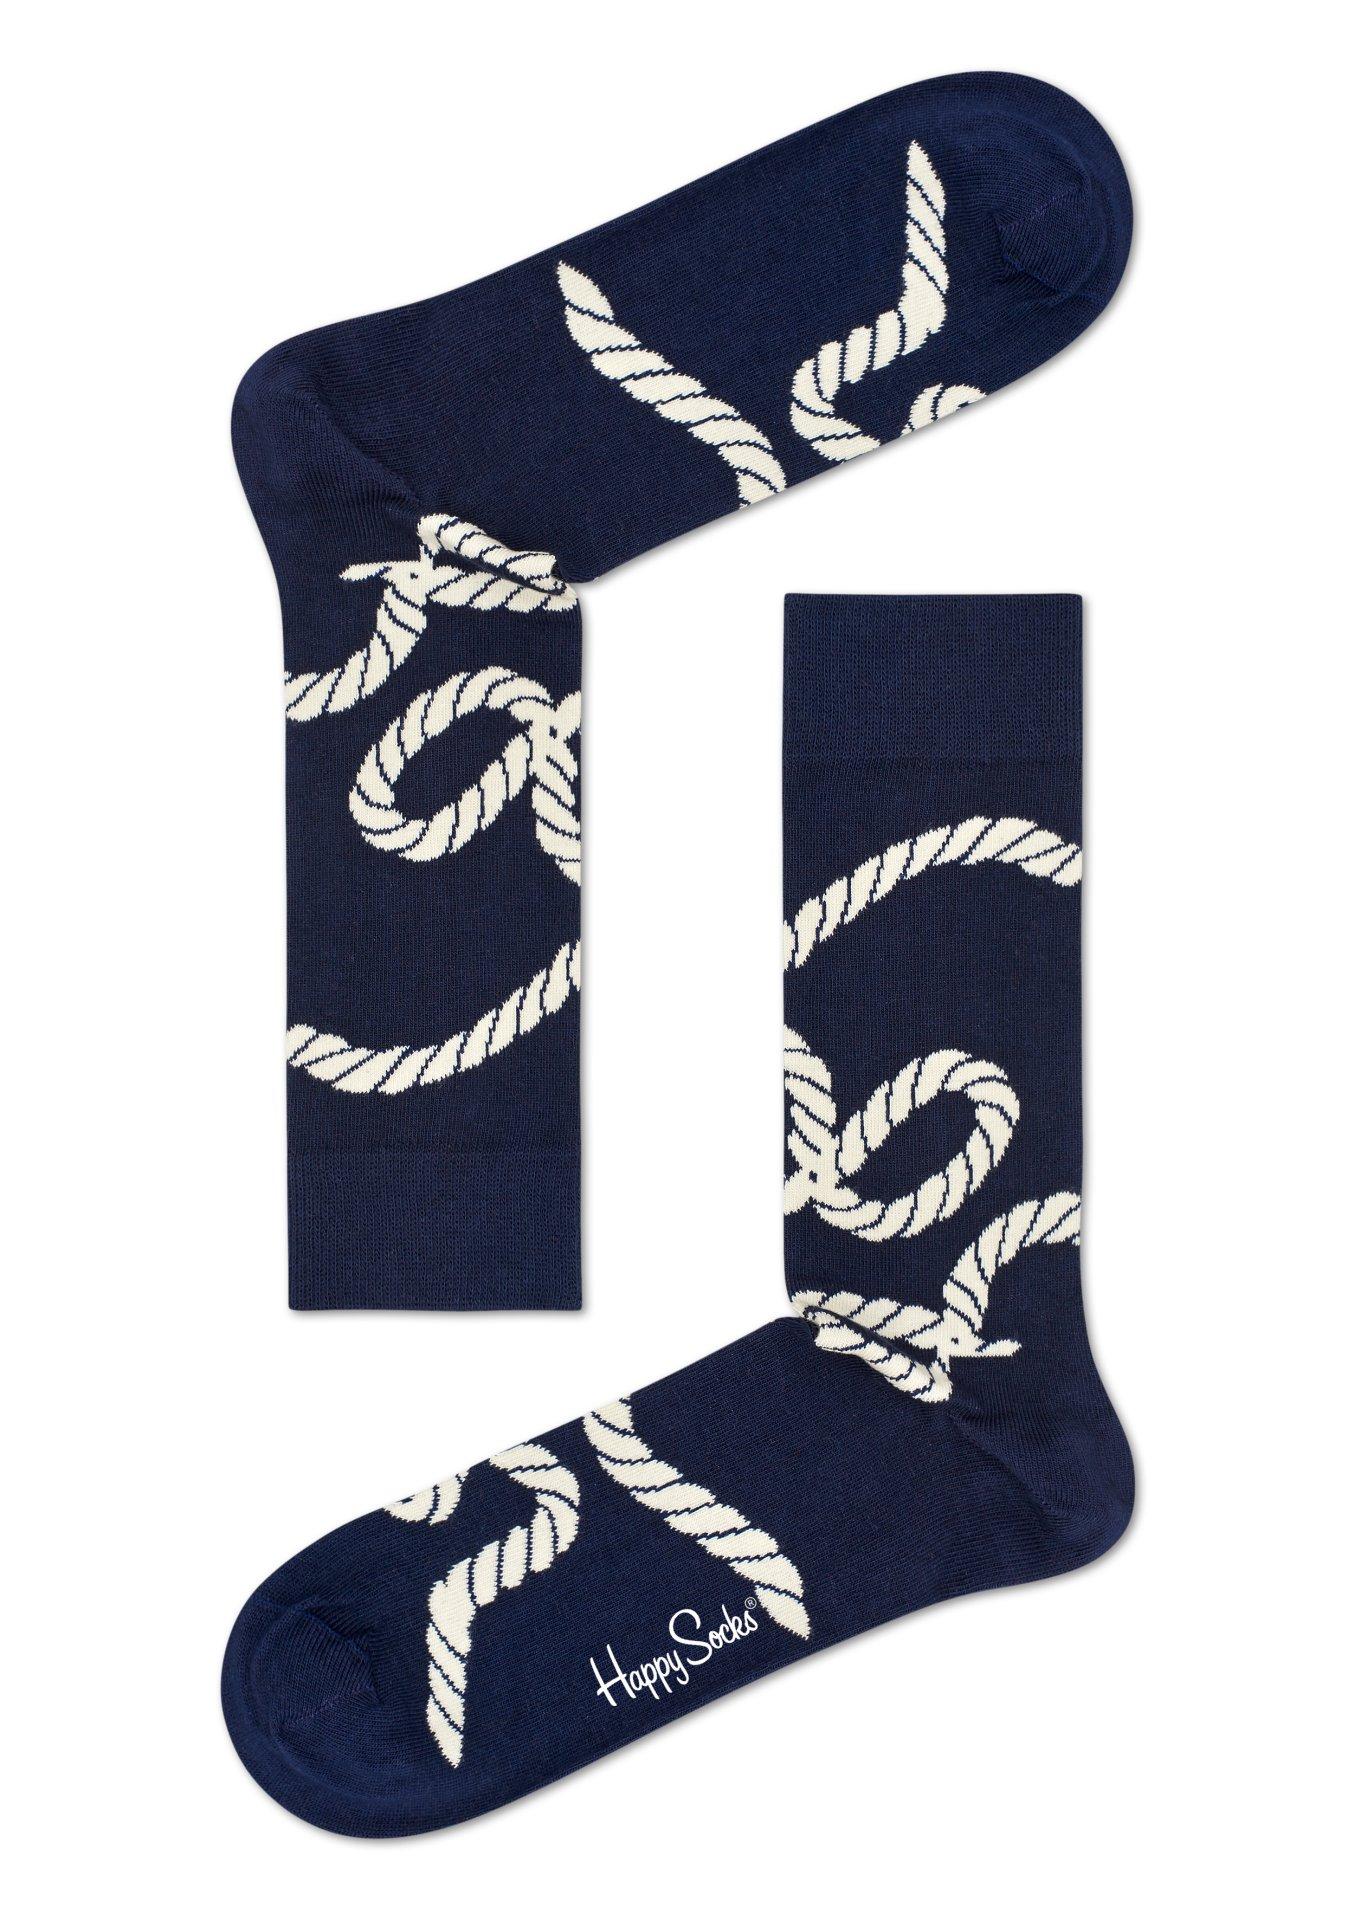 Modro-bílé ponožky Happy Socks s barevnými provazy, vzor Rope